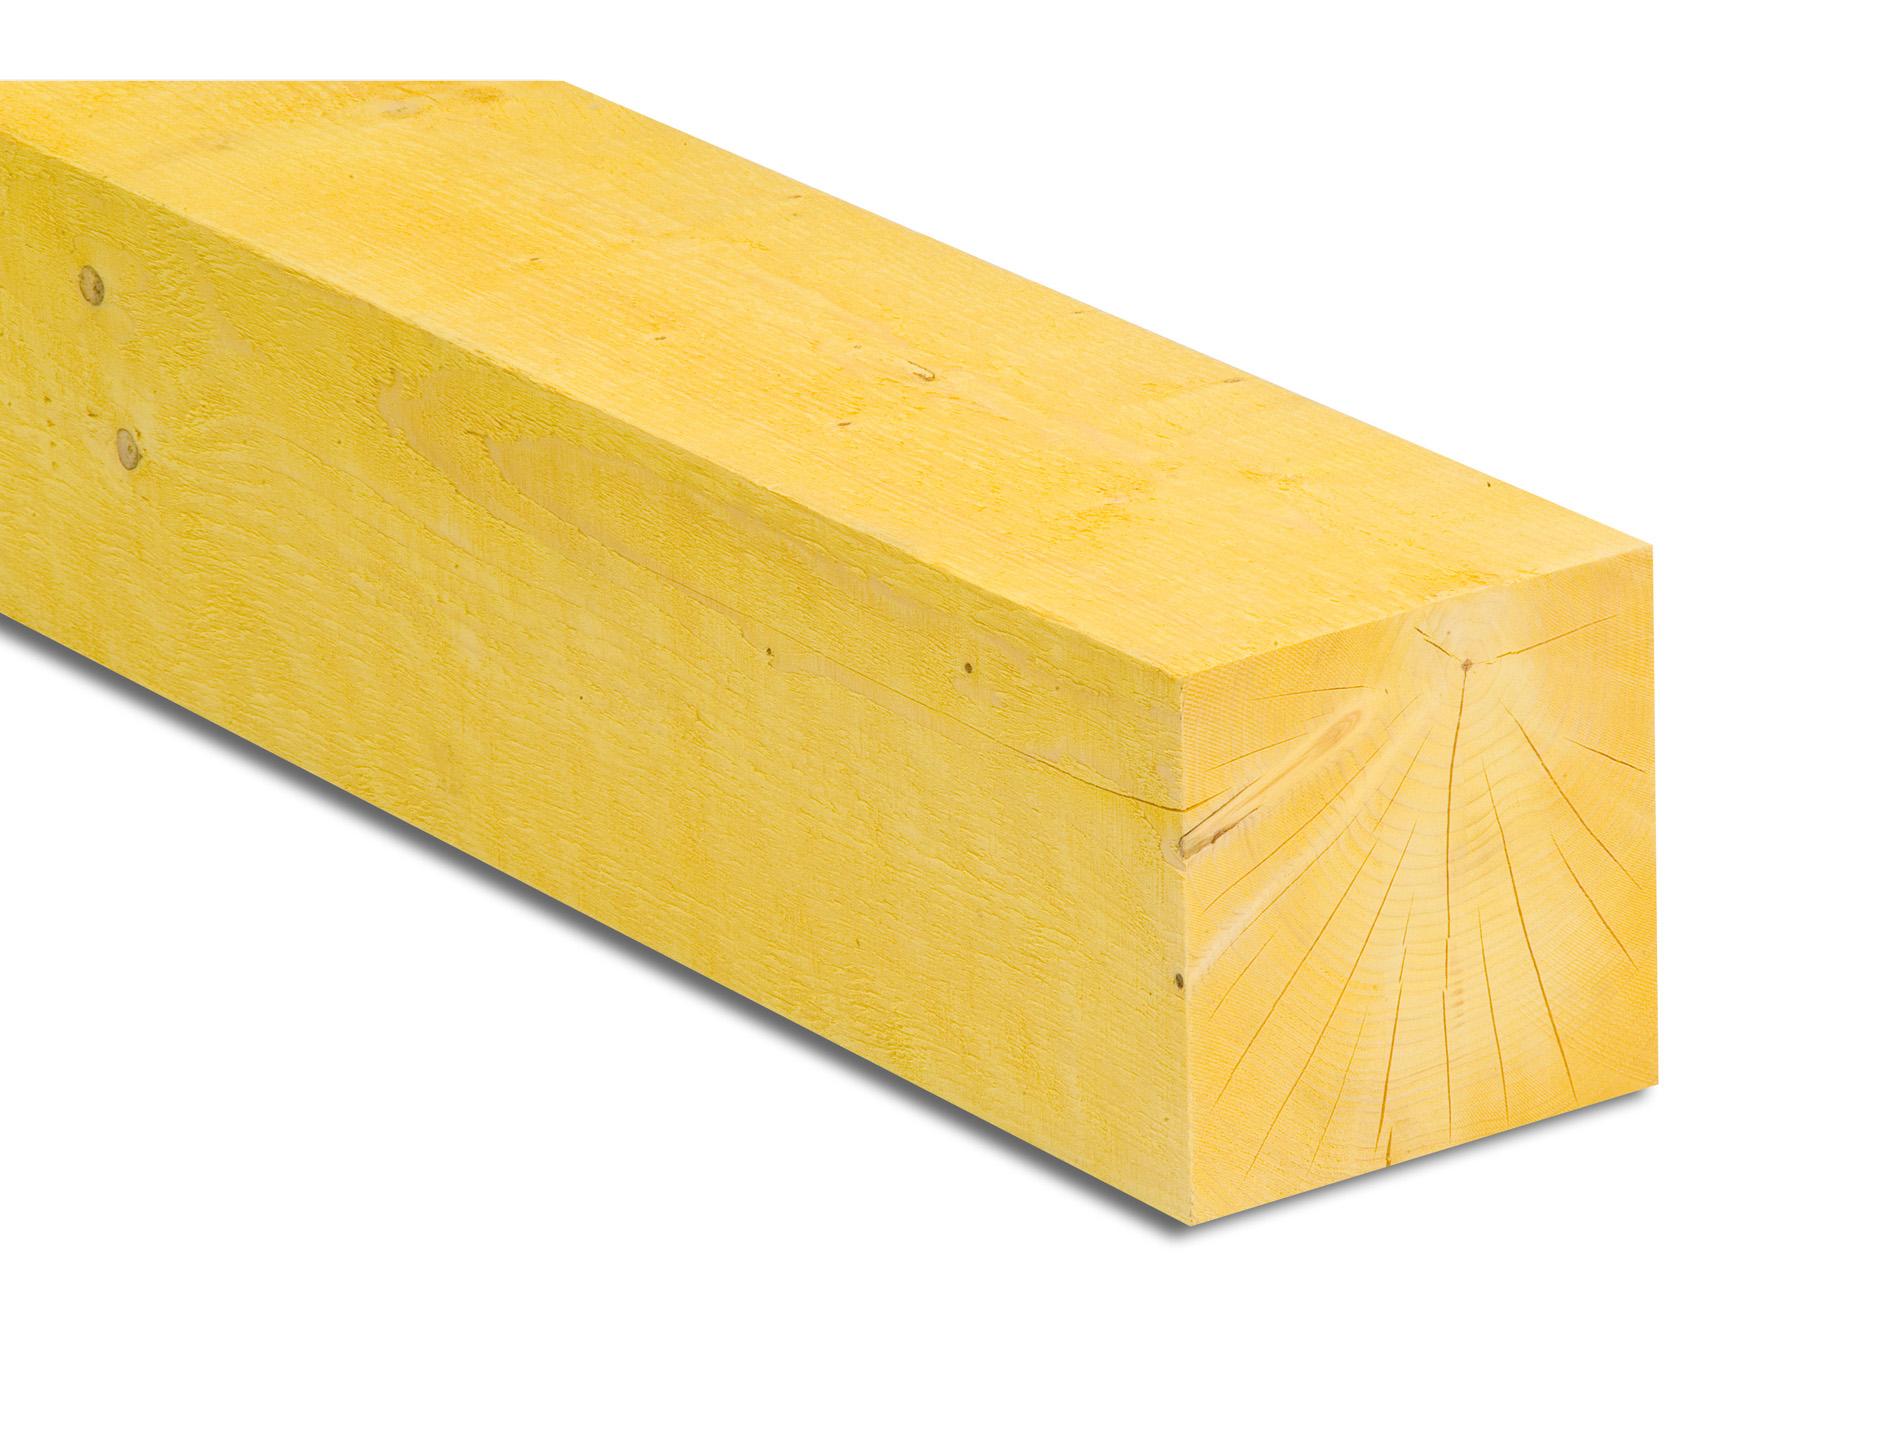 poutre cl2 100x300 bois de charpente ossature bois. Black Bedroom Furniture Sets. Home Design Ideas